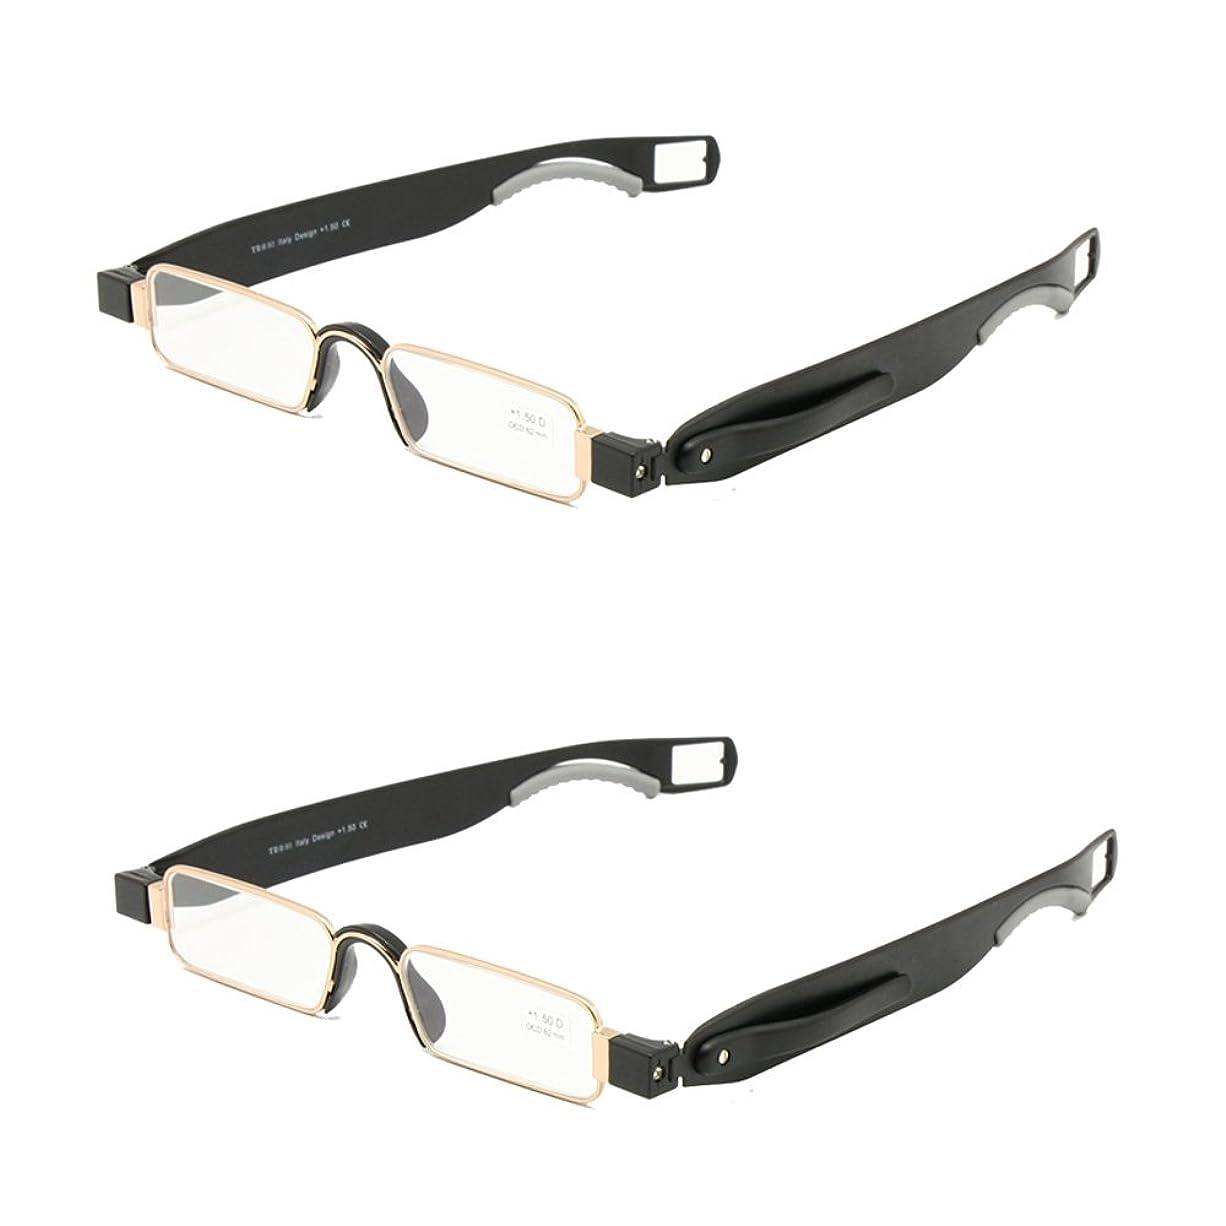 くそー供給医学折りたたみ老眼鏡レザーケースミニポケットリーダーフラット薄型老眼 + 1.0 ~ + 3.5 (+200, 2組)